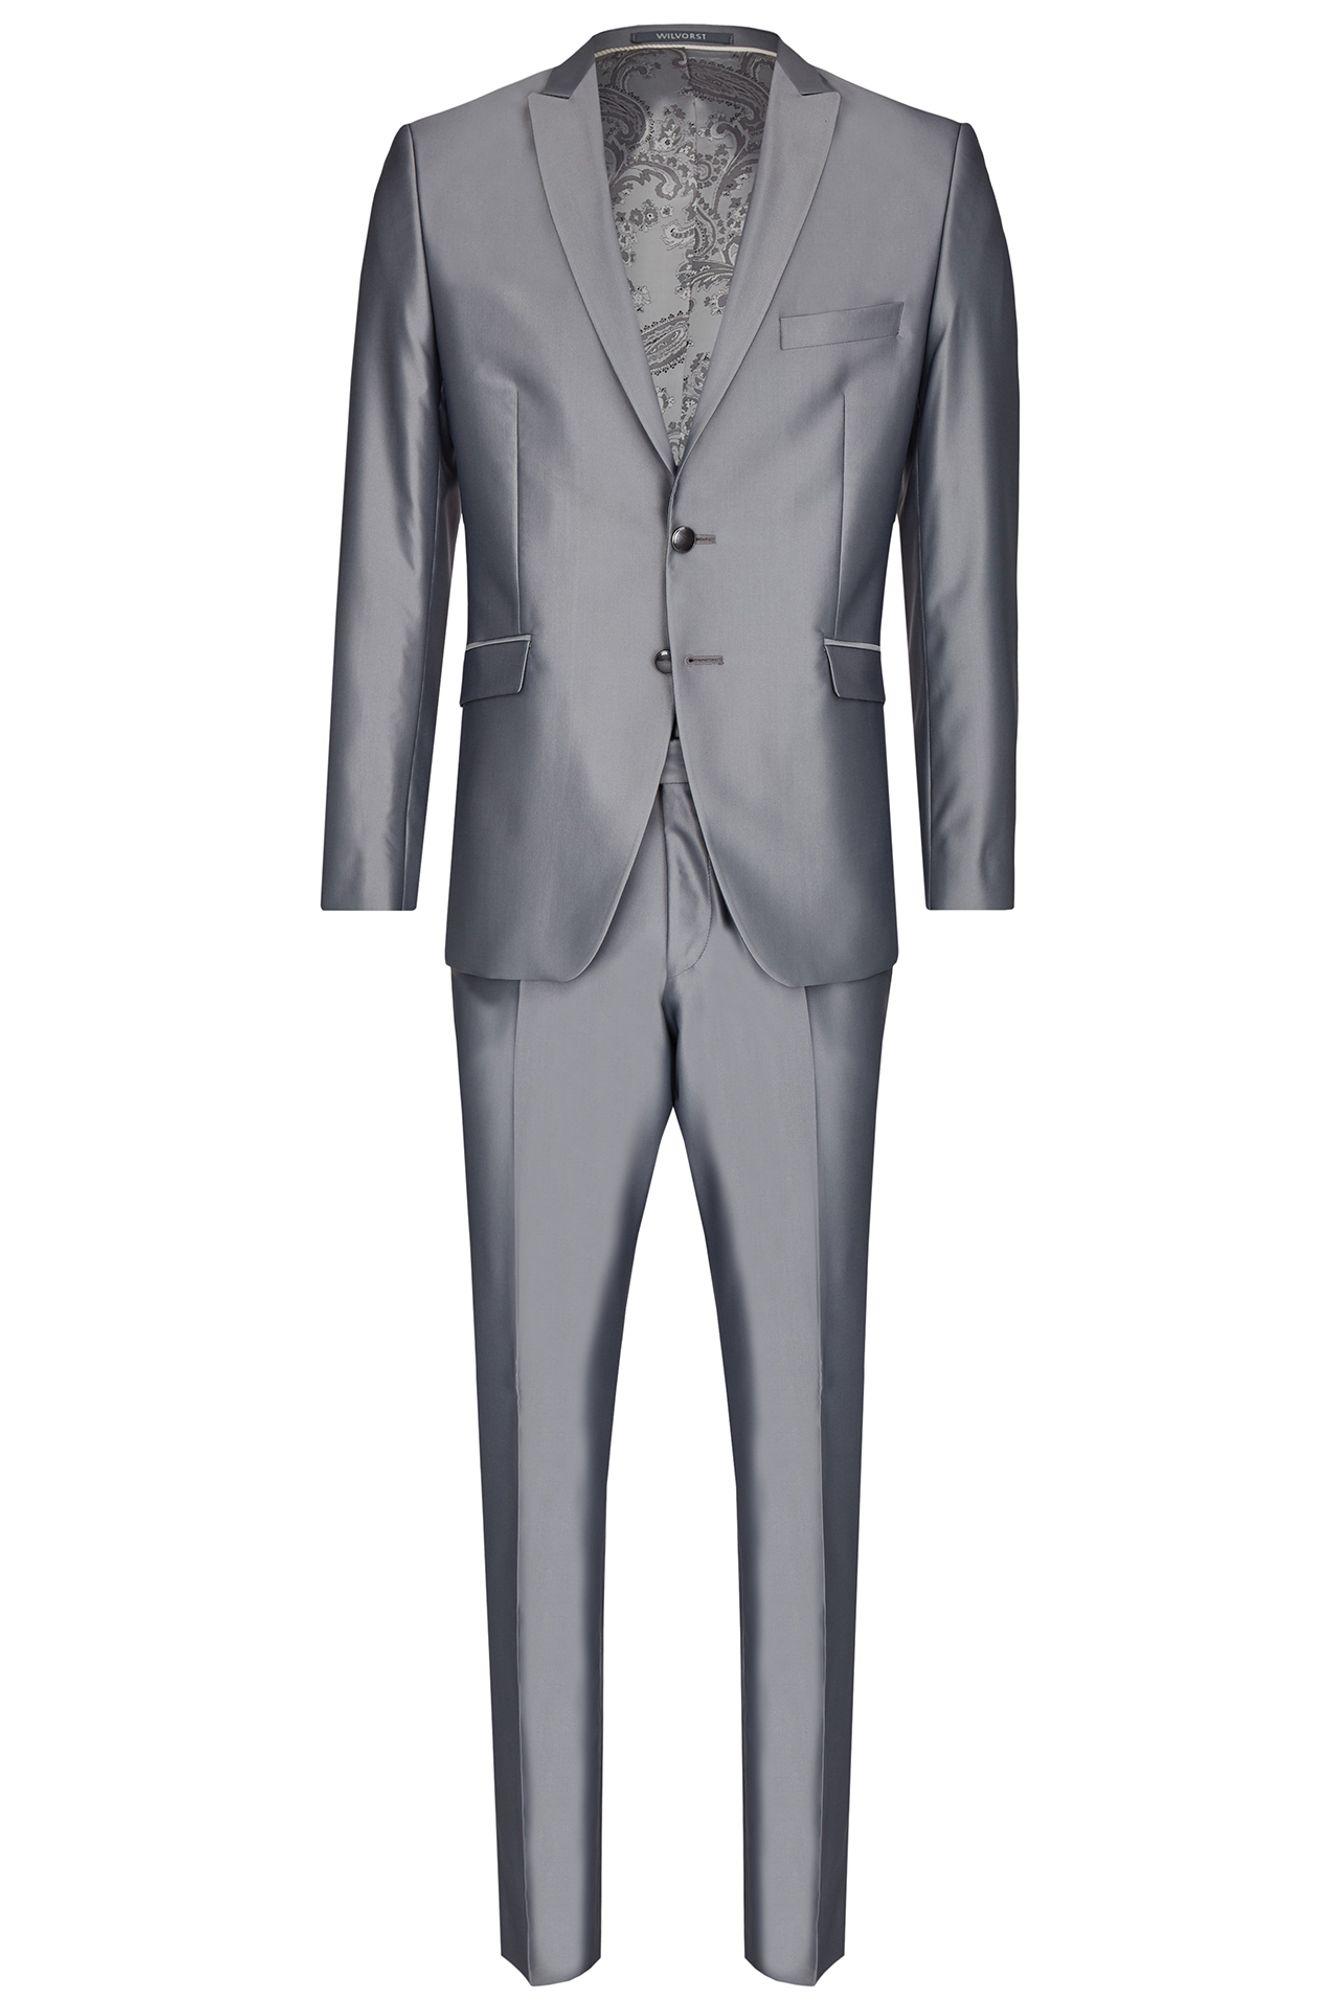 Wilvorst Slim Line Herren Anzug In Grau Art 453202 26 Modell